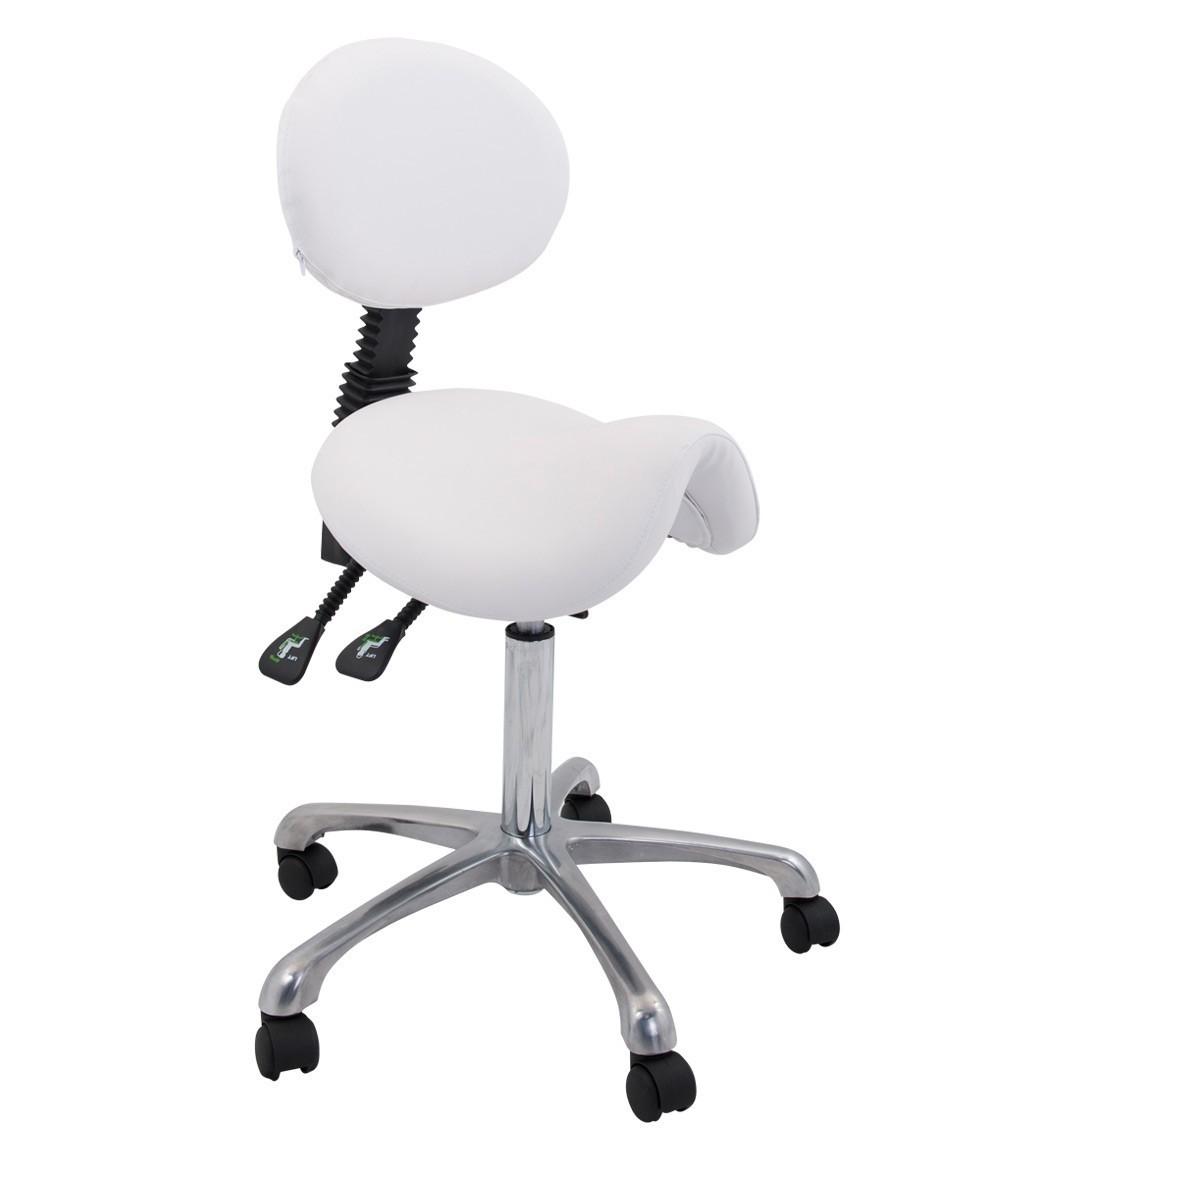 ergonomischer sattelhocker mit r ckenlehne wei. Black Bedroom Furniture Sets. Home Design Ideas